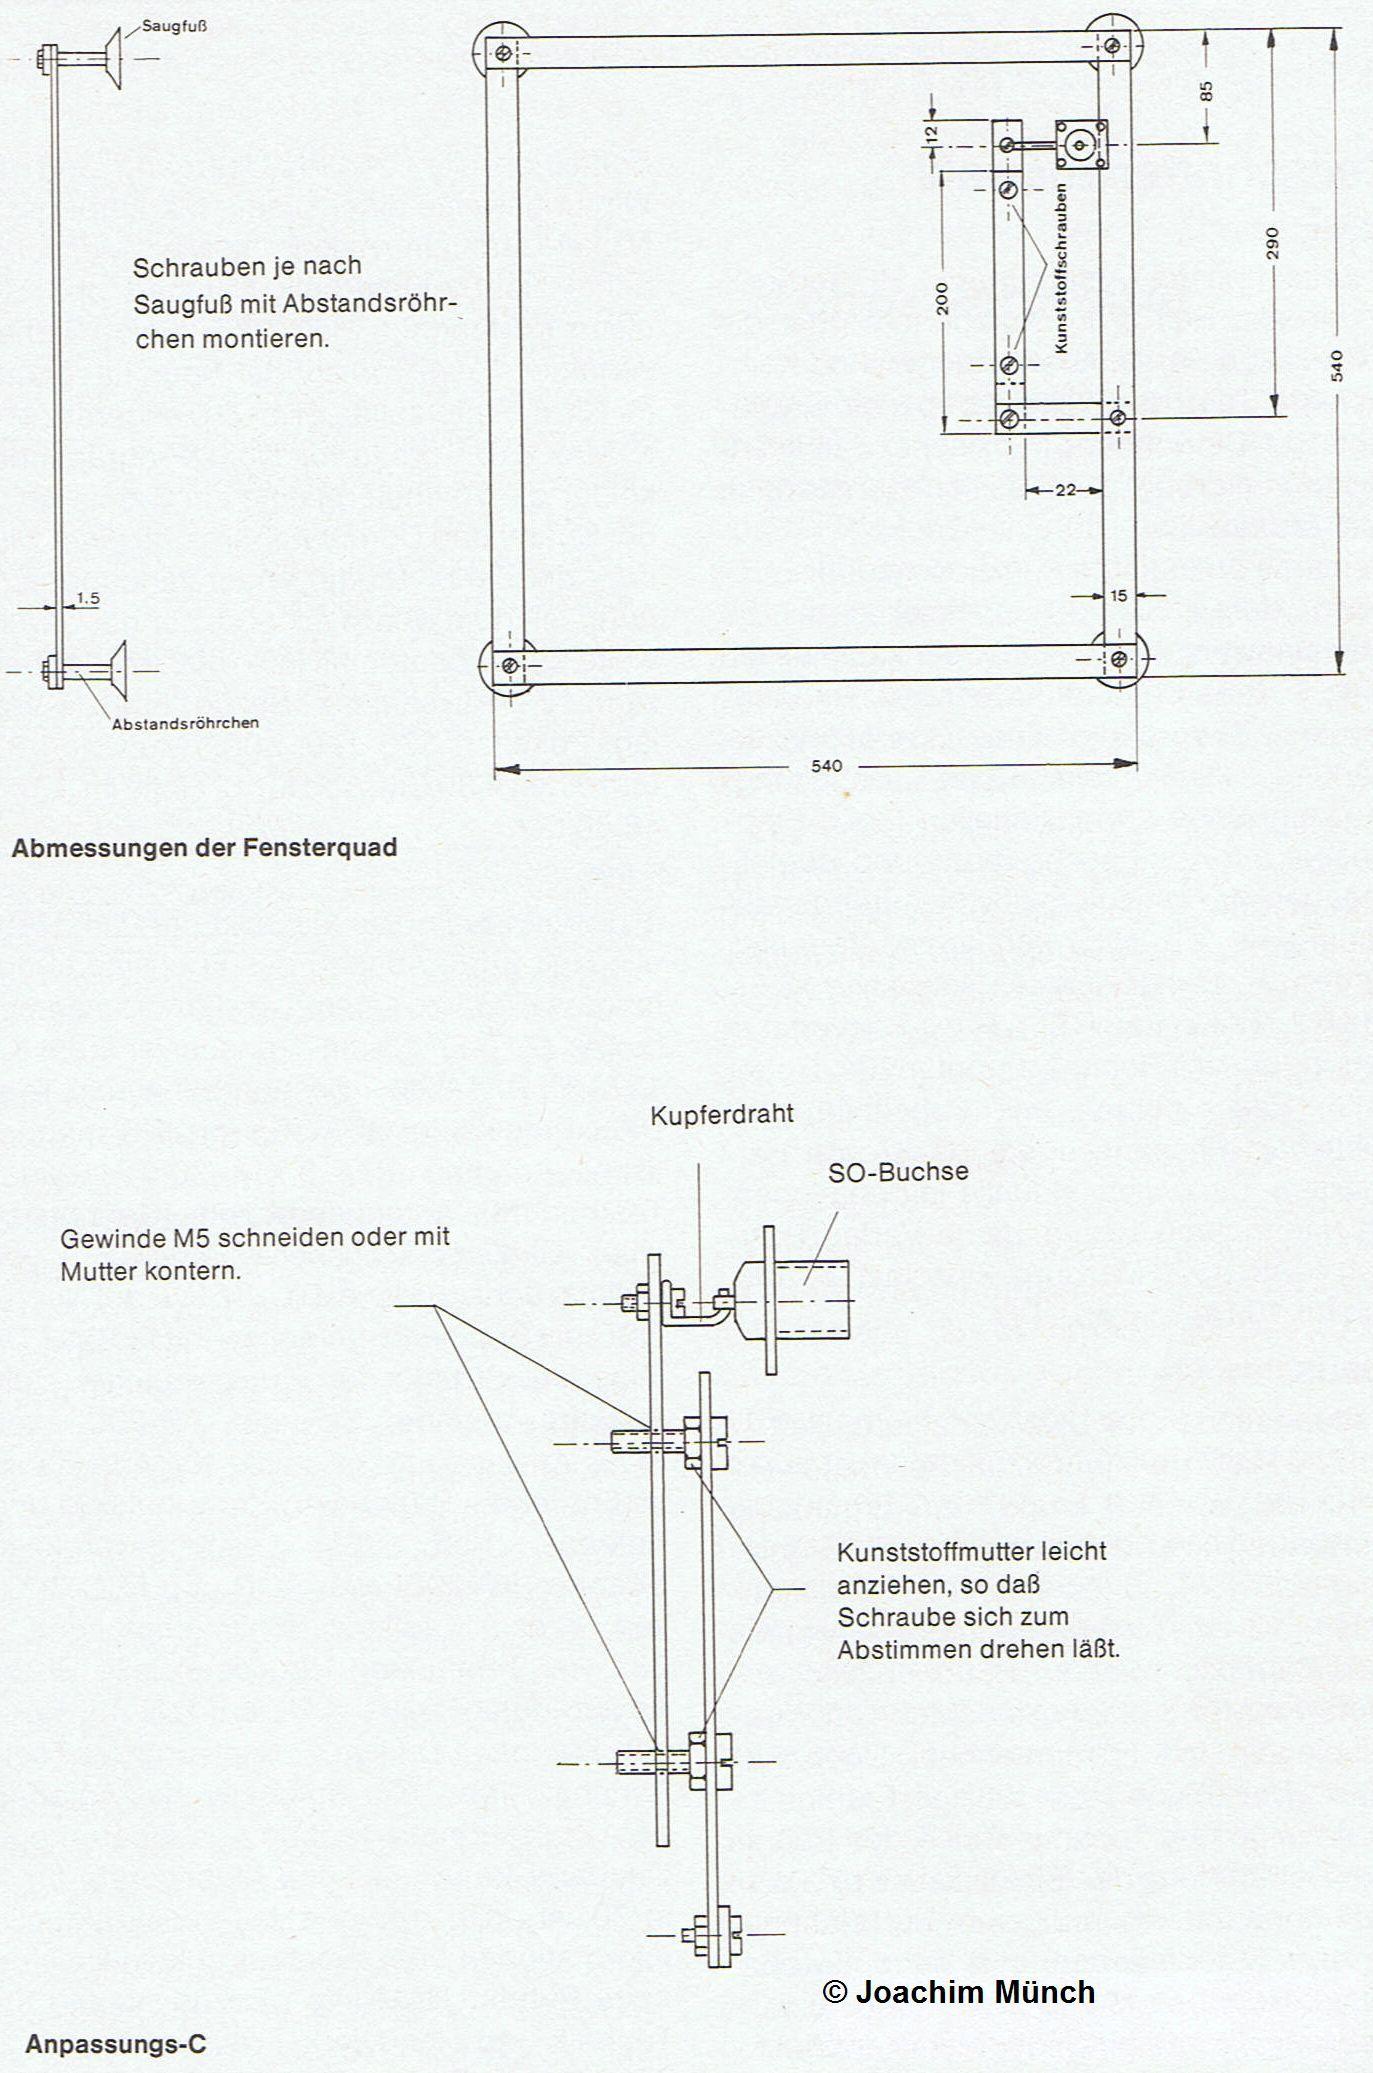 http//jwm.de/afu/quad.htm Kupferdraht, Rohre